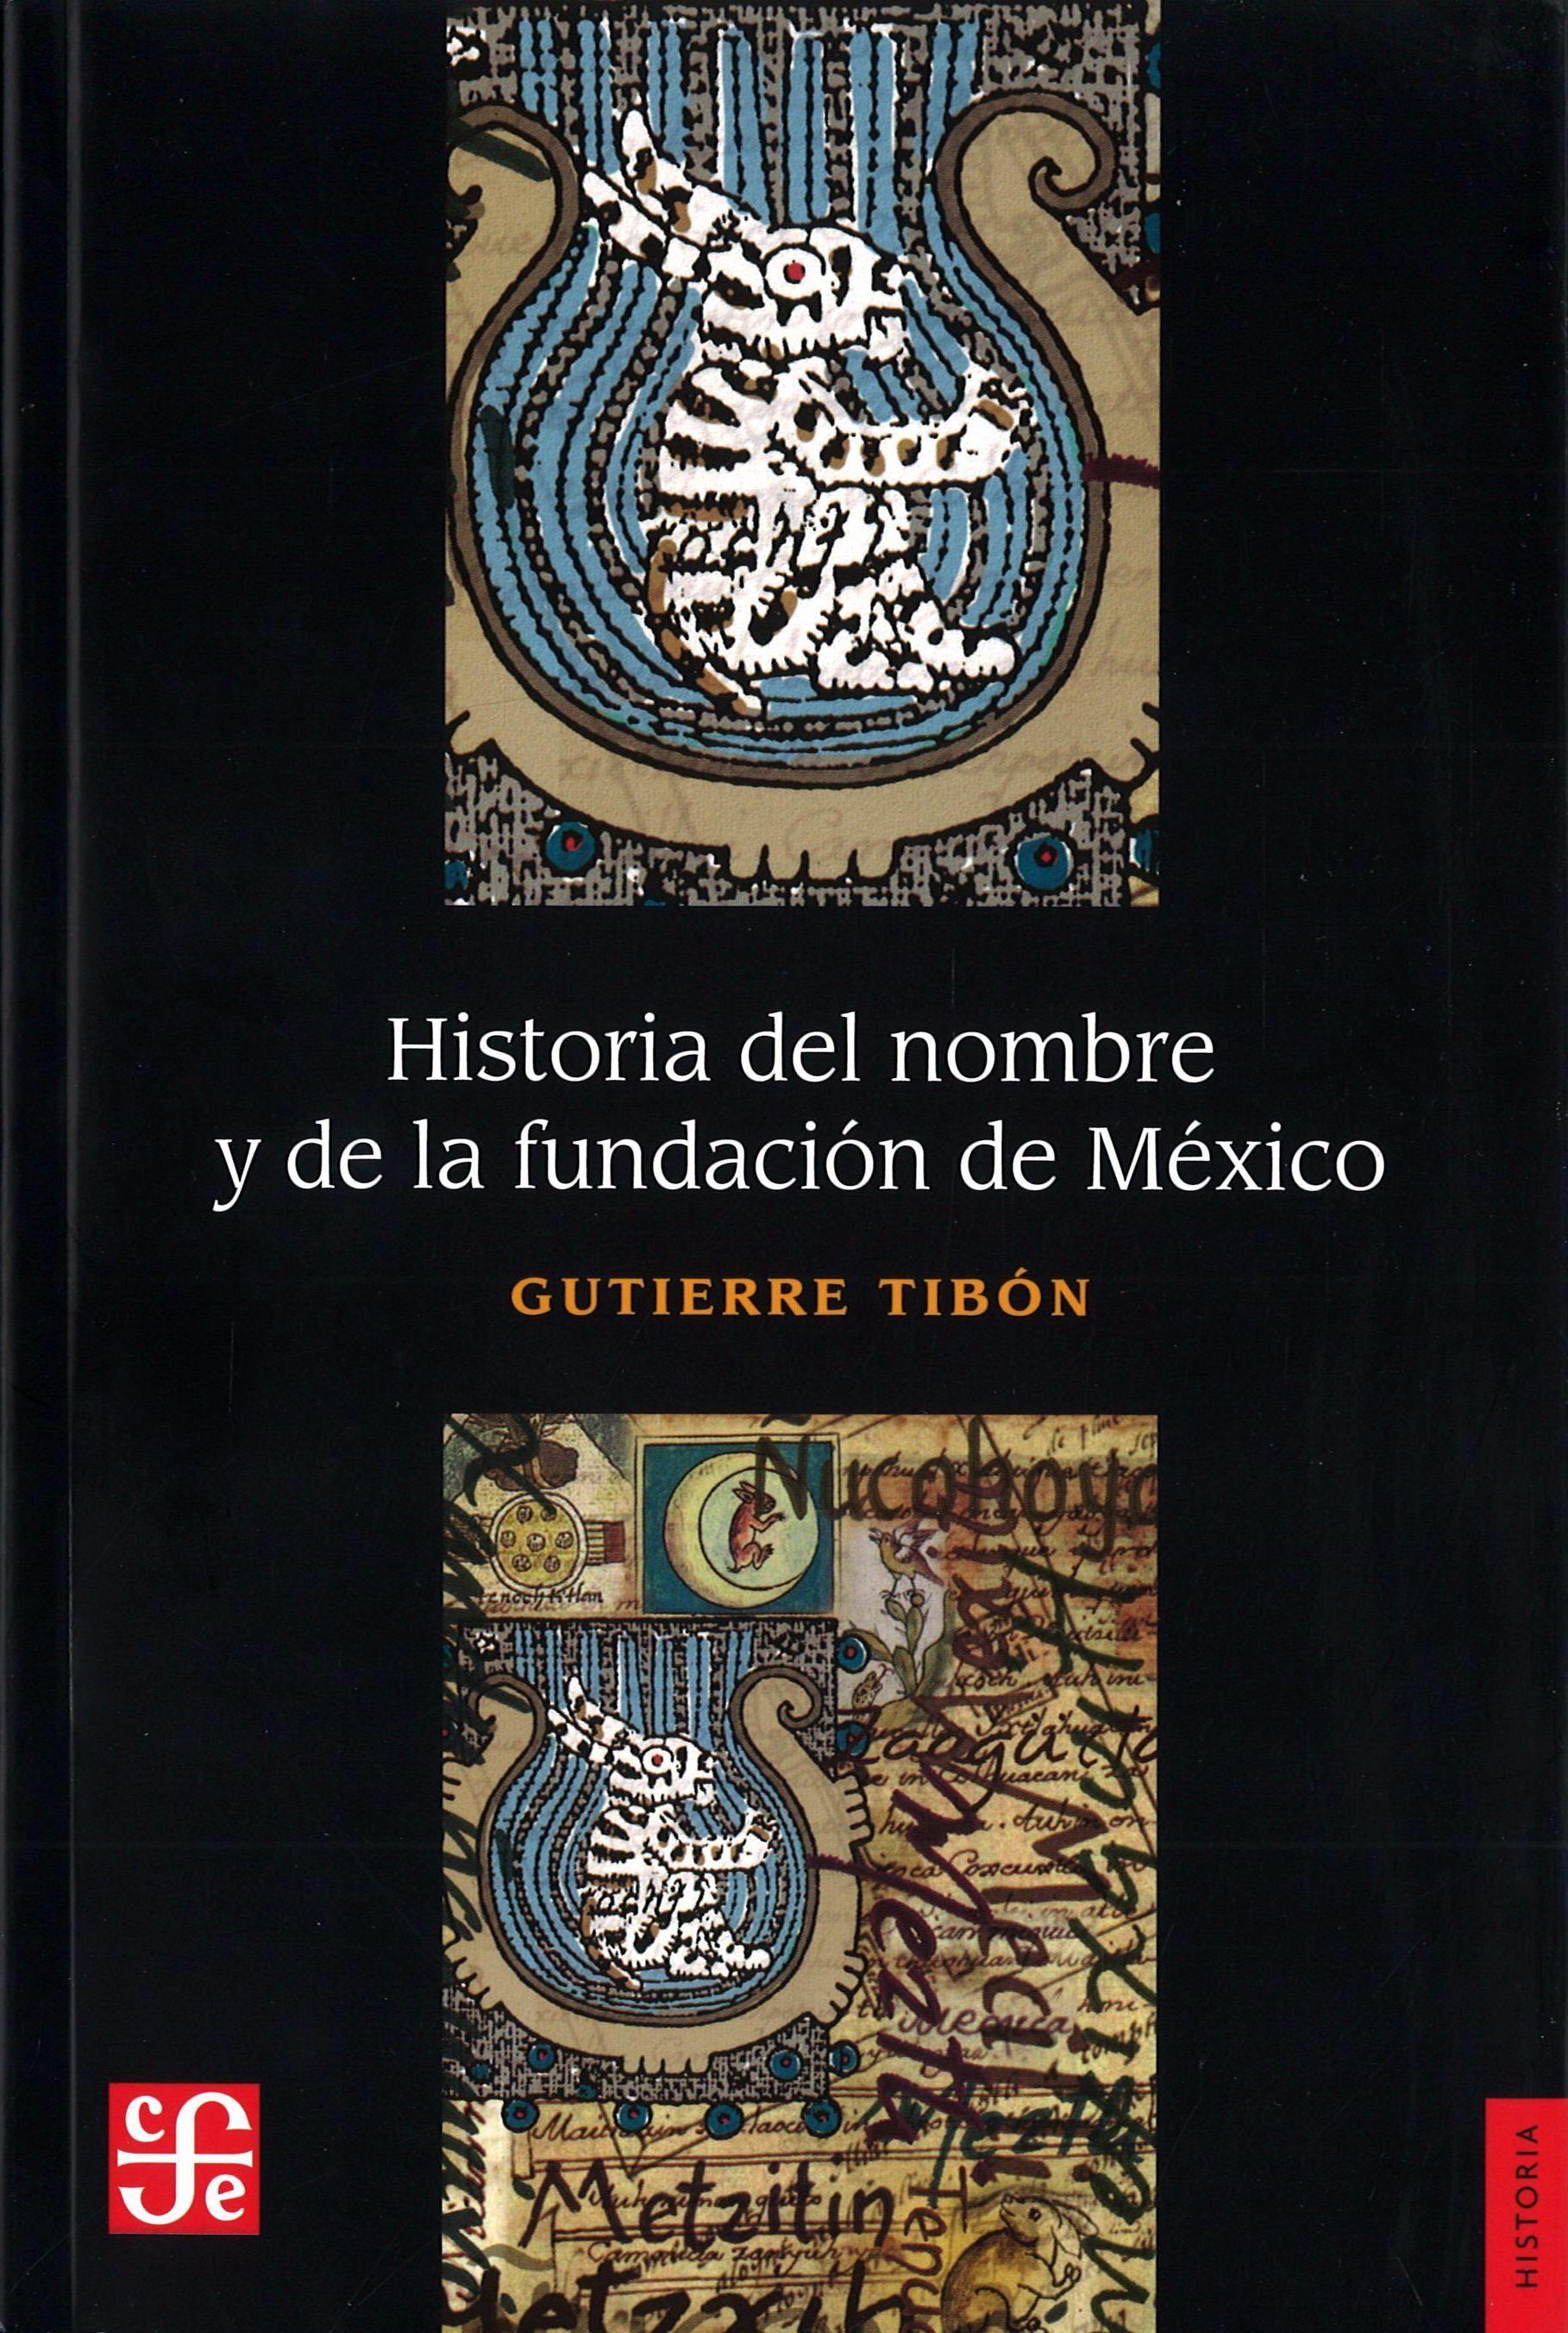 Historia del nombre y de la fundación de México, 2013  http://absysnetweb.bbtk.ull.es/cgi-bin/abnetopac01?TITN=519708